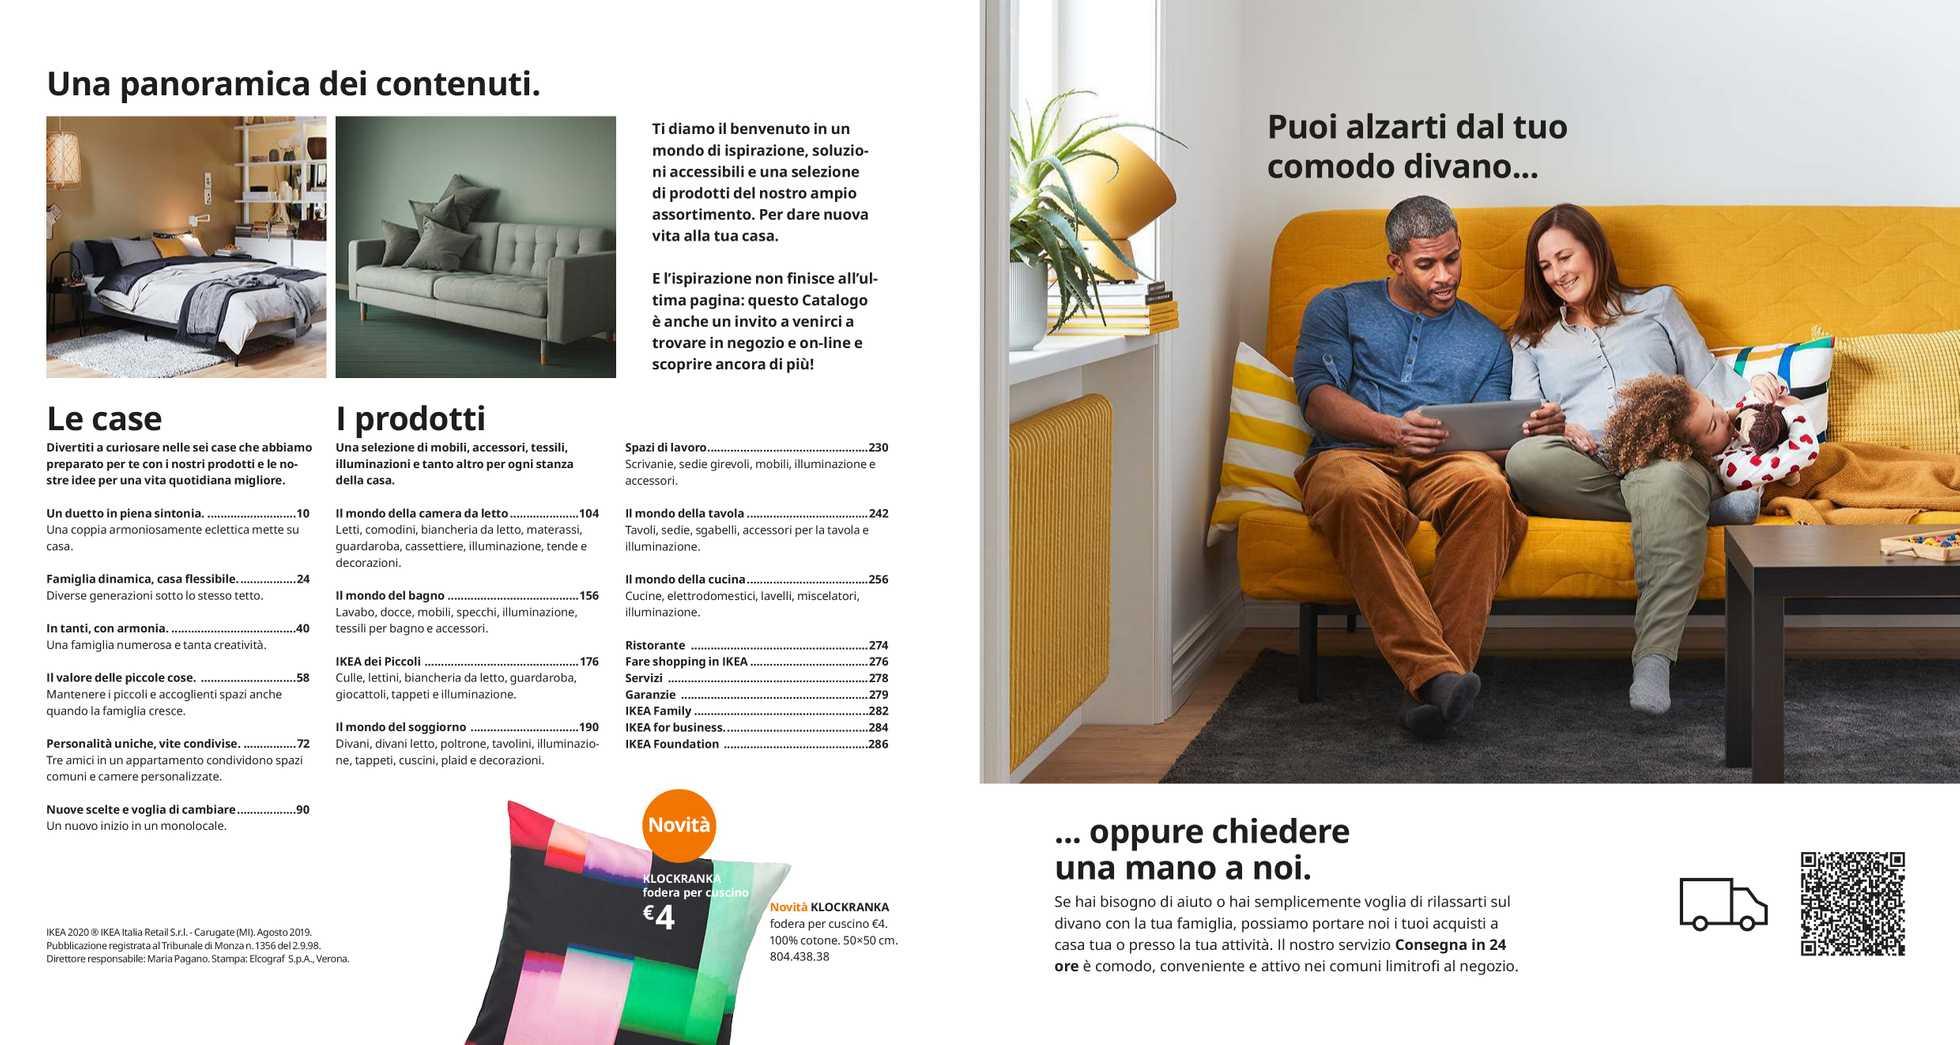 IKEA - offerte valide dal 22.08.2019 al 31.07.2020 - pagina 3.